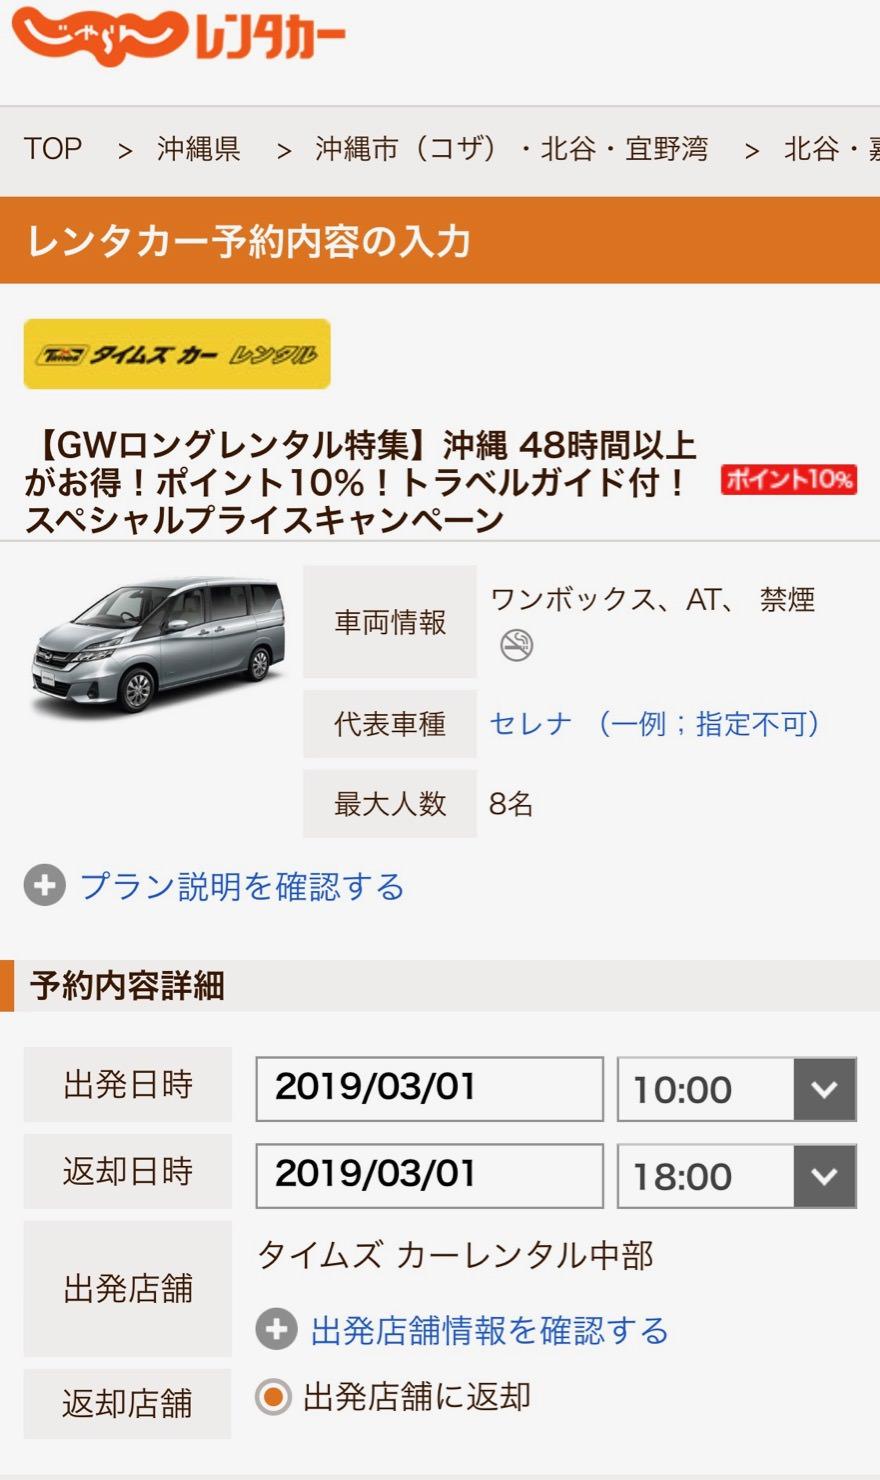 レンタカー予約(じゃらん)